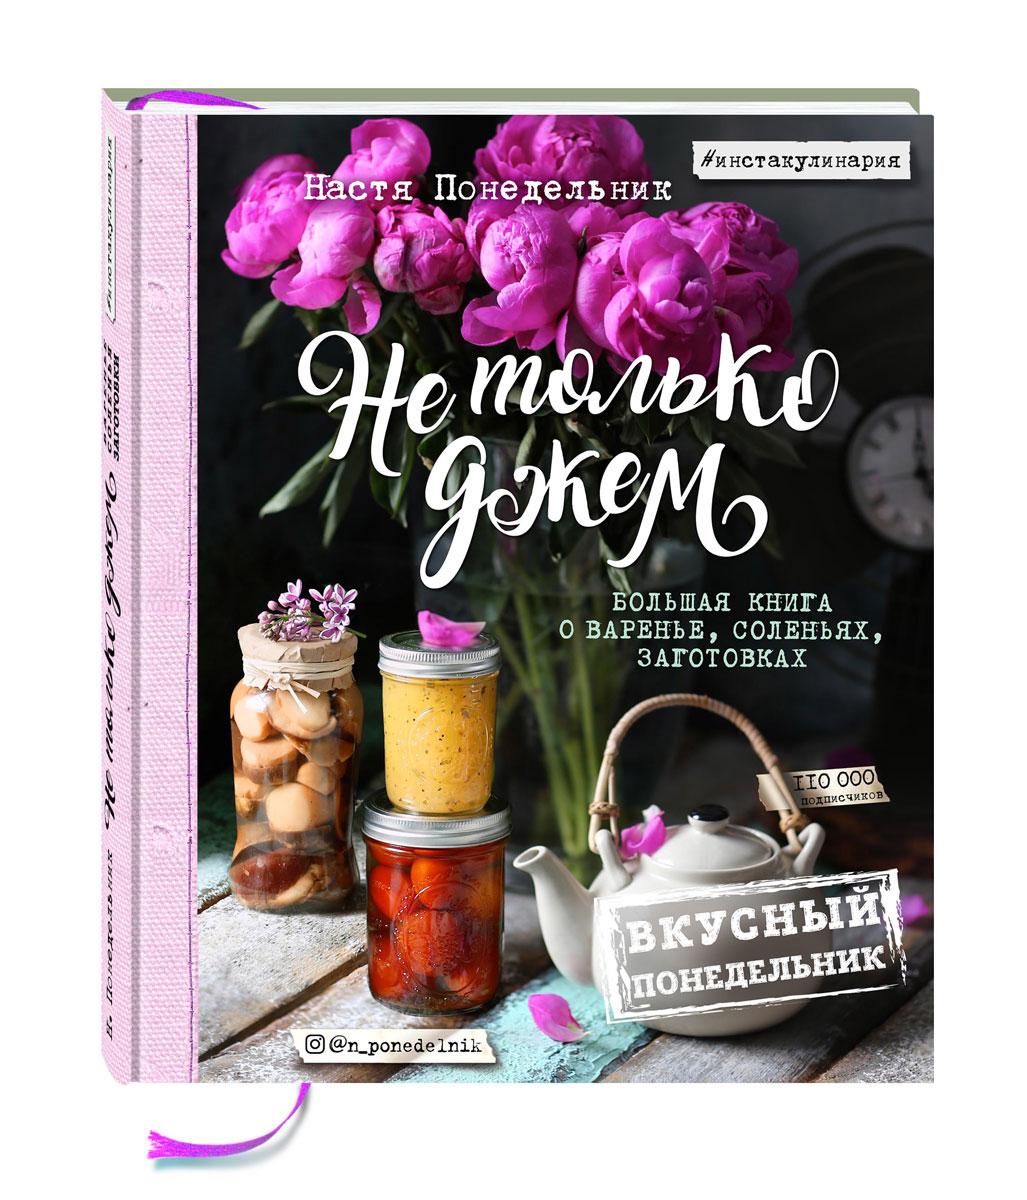 Анастасия Понедельник Вкусный Понедельник. Не только джем. Большая книга о варенье, соленьях, заготовках